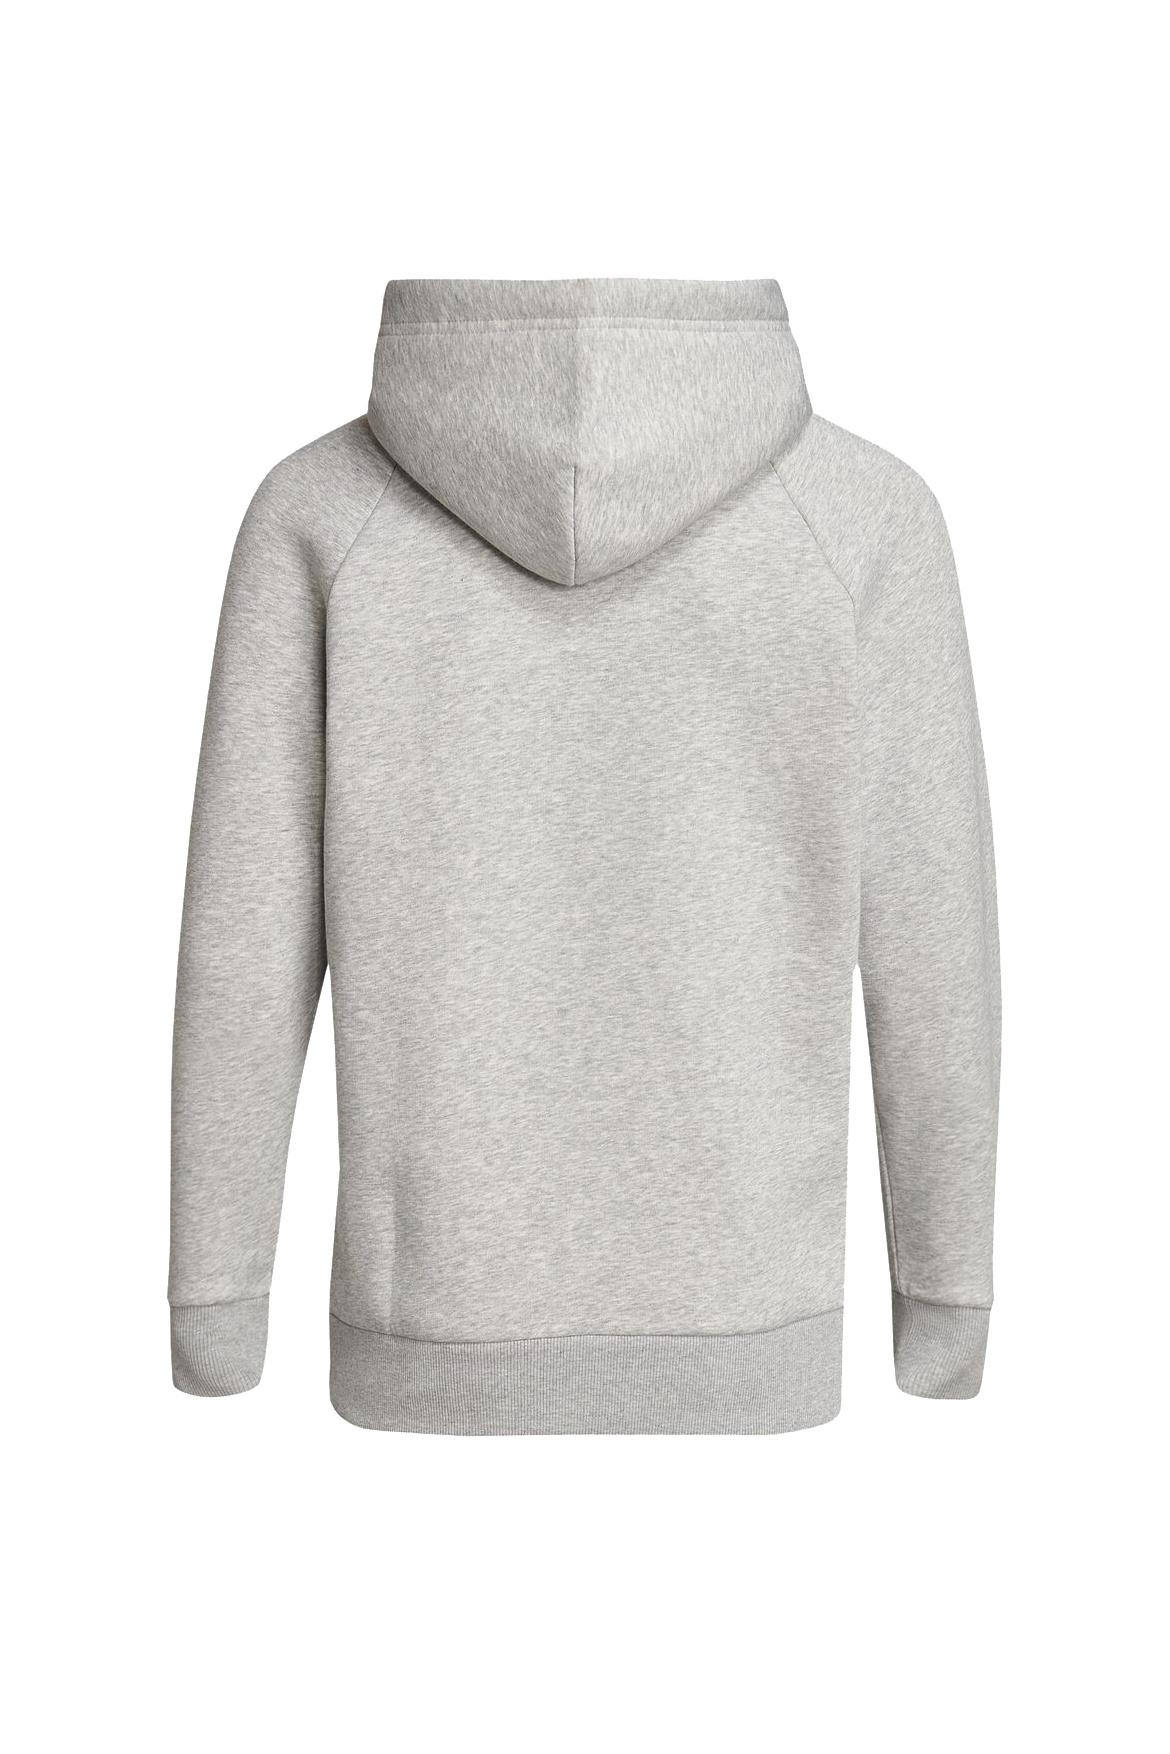 M Original Hood - Med Grey Melange-6